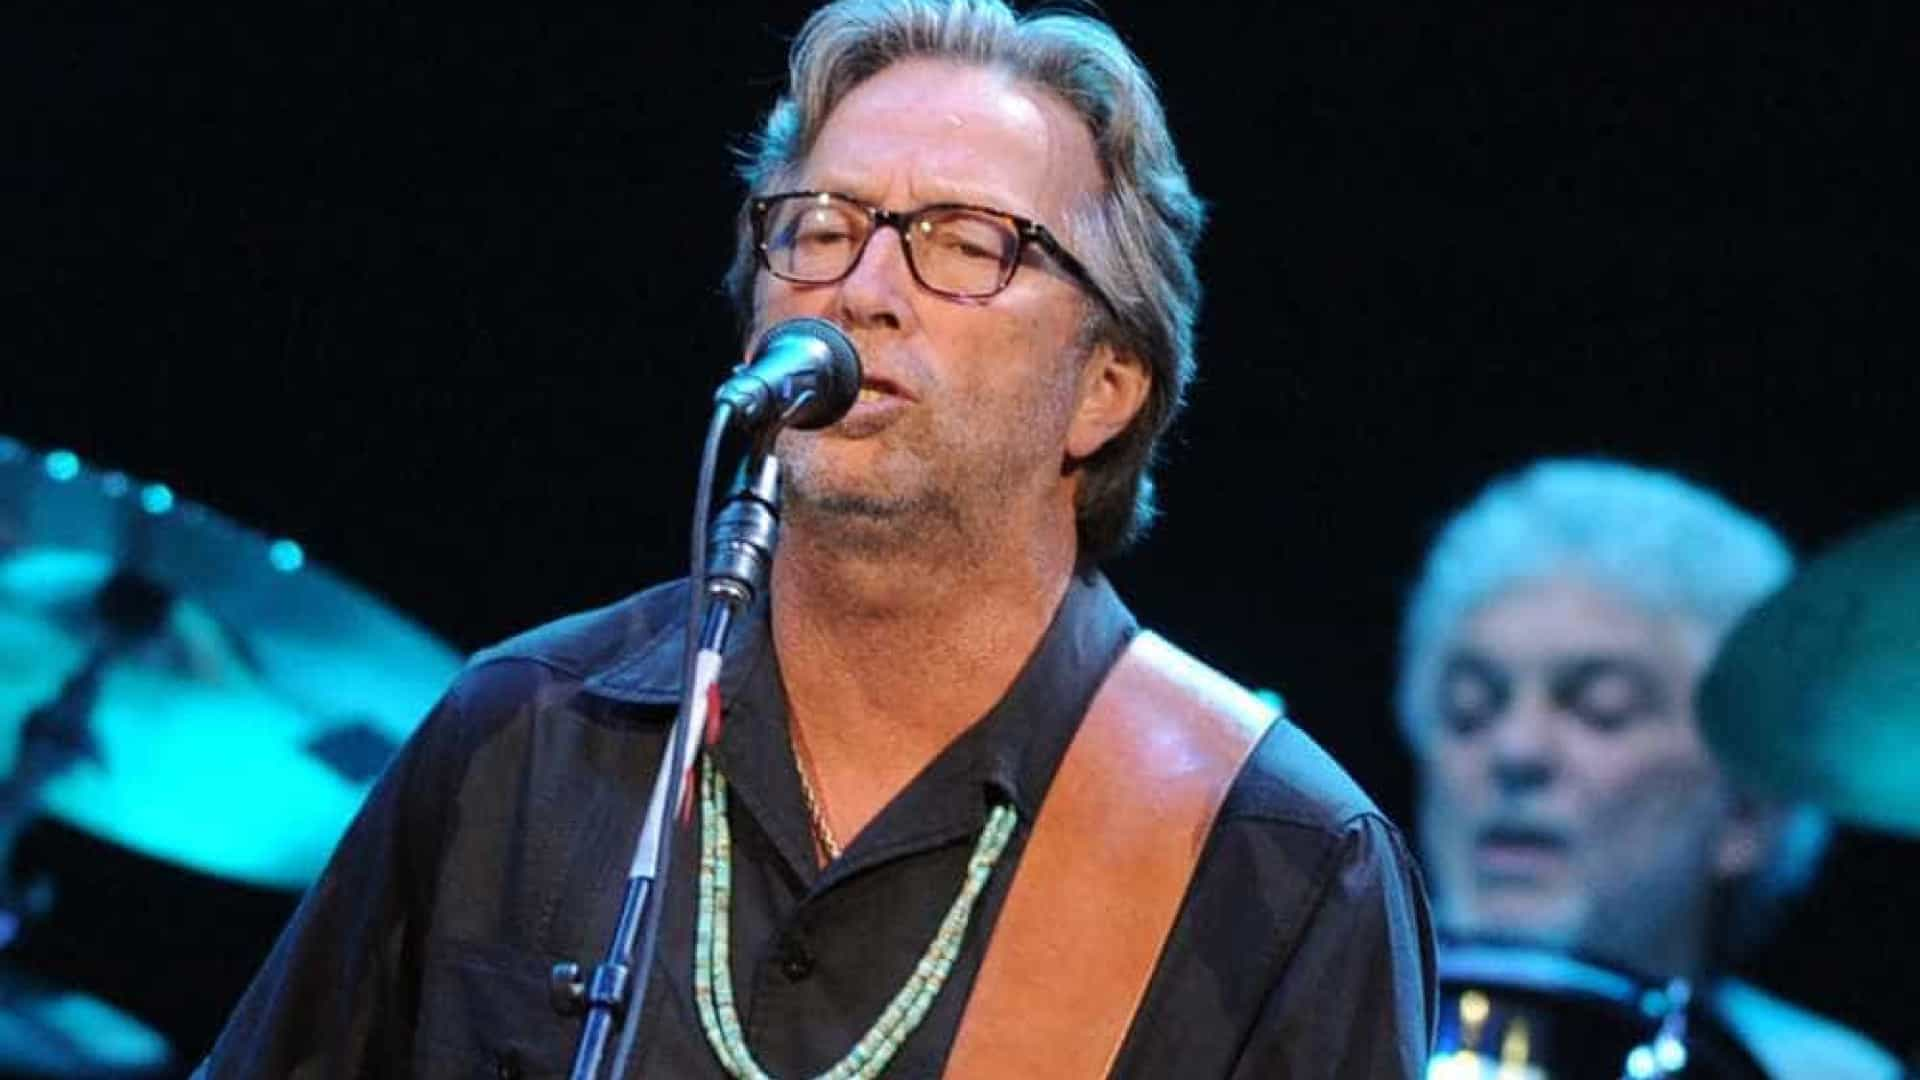 Debilitado, Eric Clapton é flagrado em cadeira de rodas em aeroporto